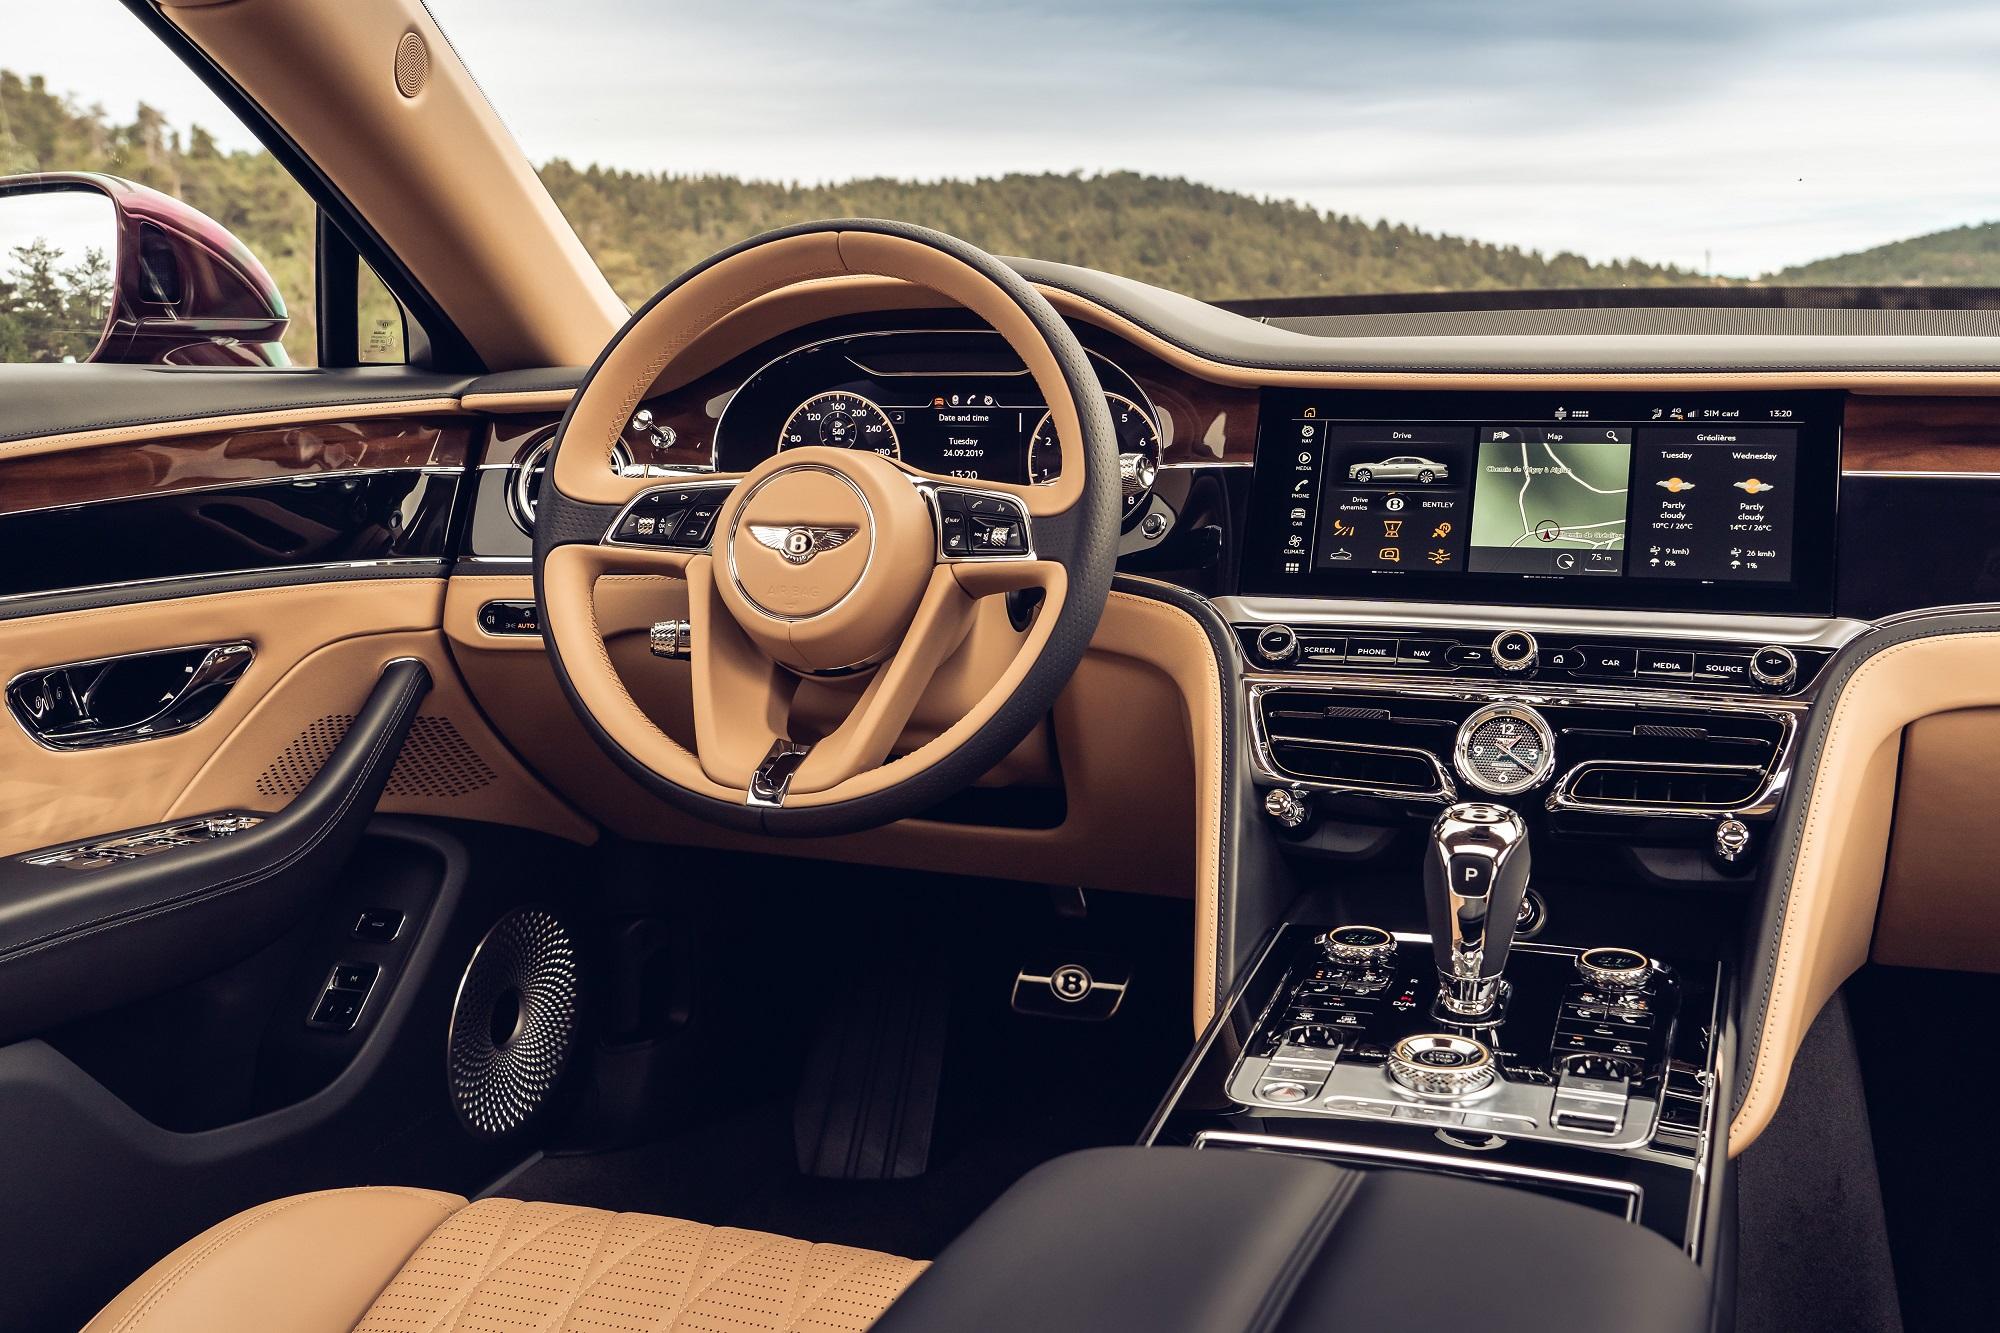 BentleyRotatingDisplay-3